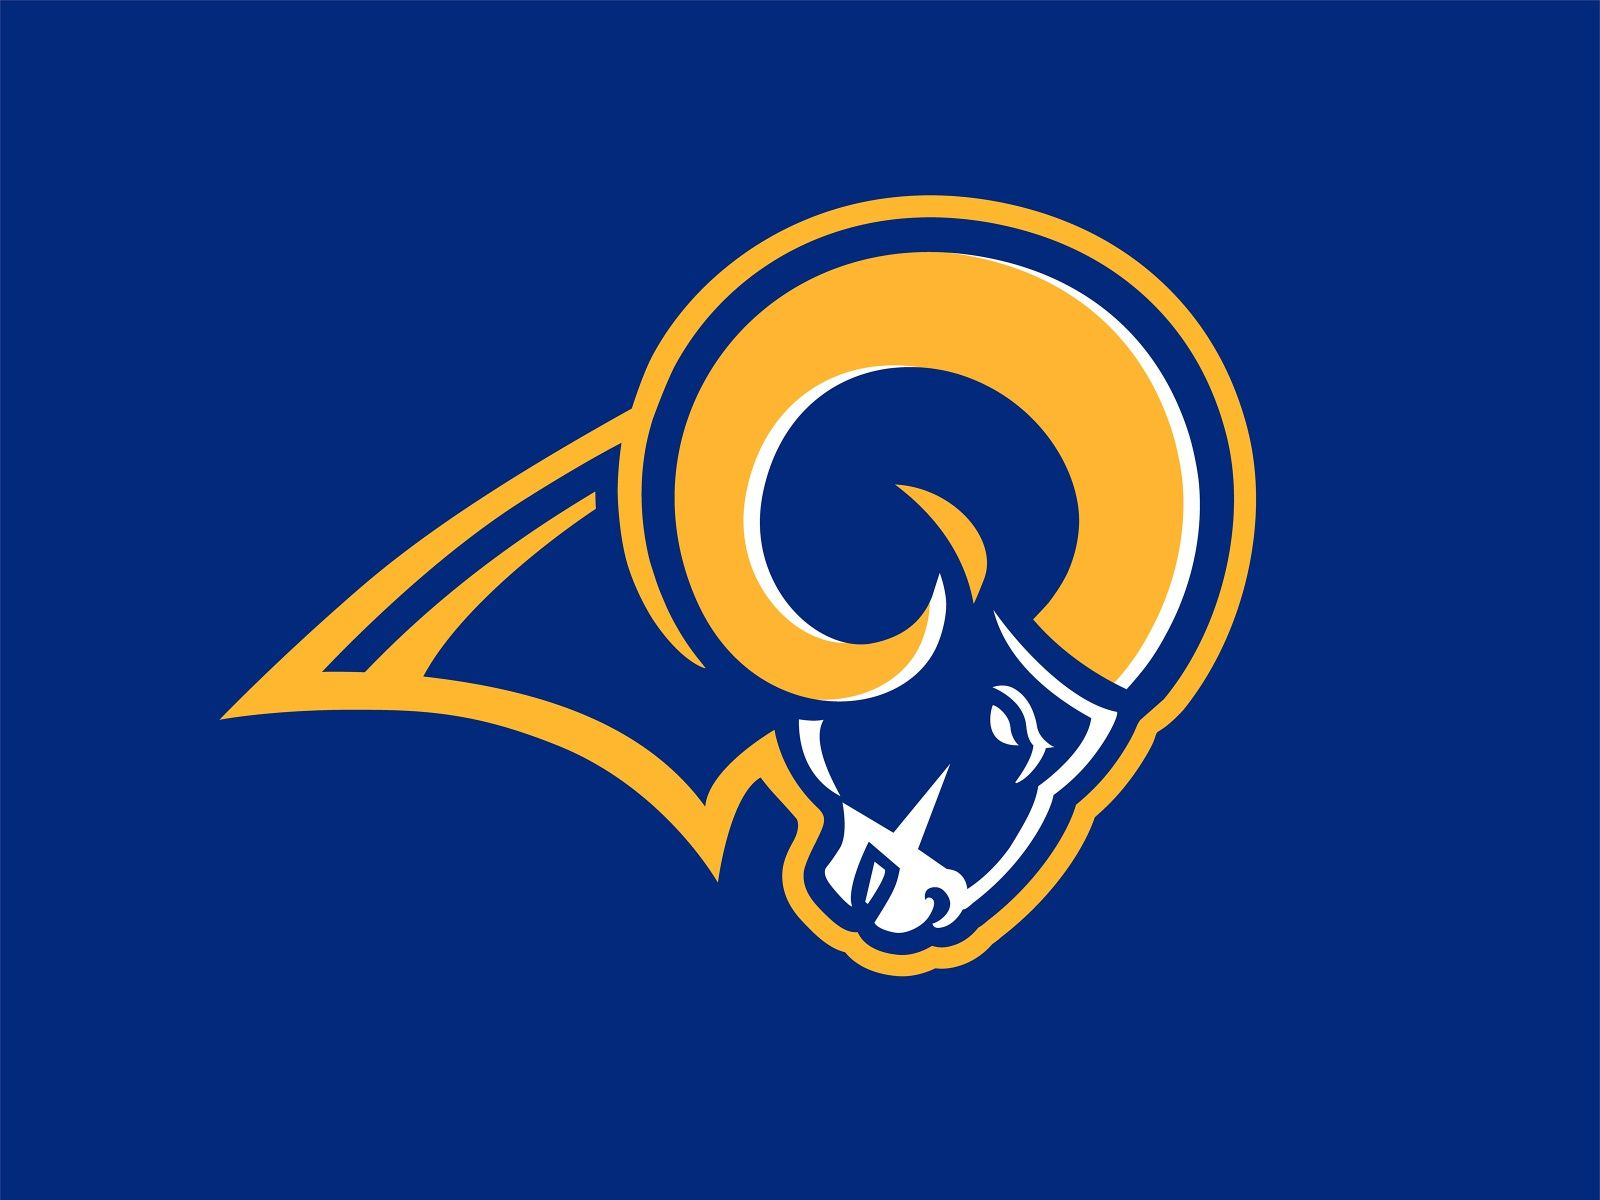 La Rams Rebrand Concept In 2020 Los Angeles Rams La Rams Los Angeles